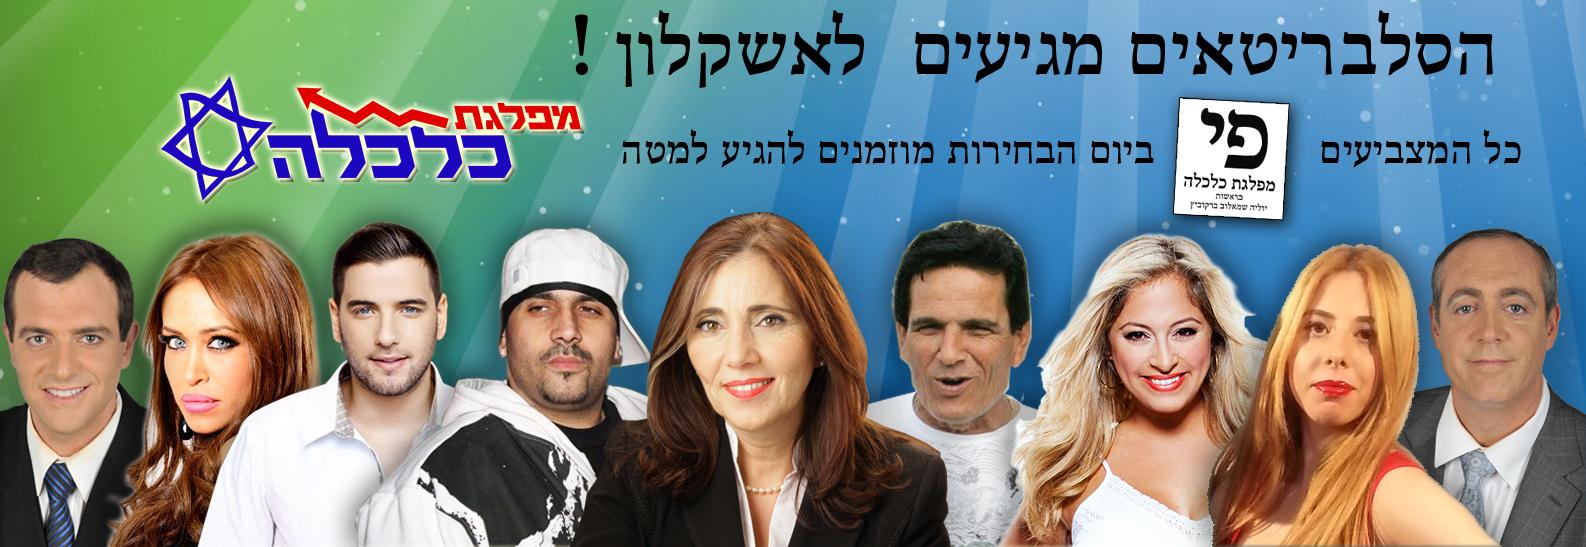 בחירות 2013: מפלגת כלכלה והאחים גולדשטיין מגיבים - לא גנבנו שום קליפ